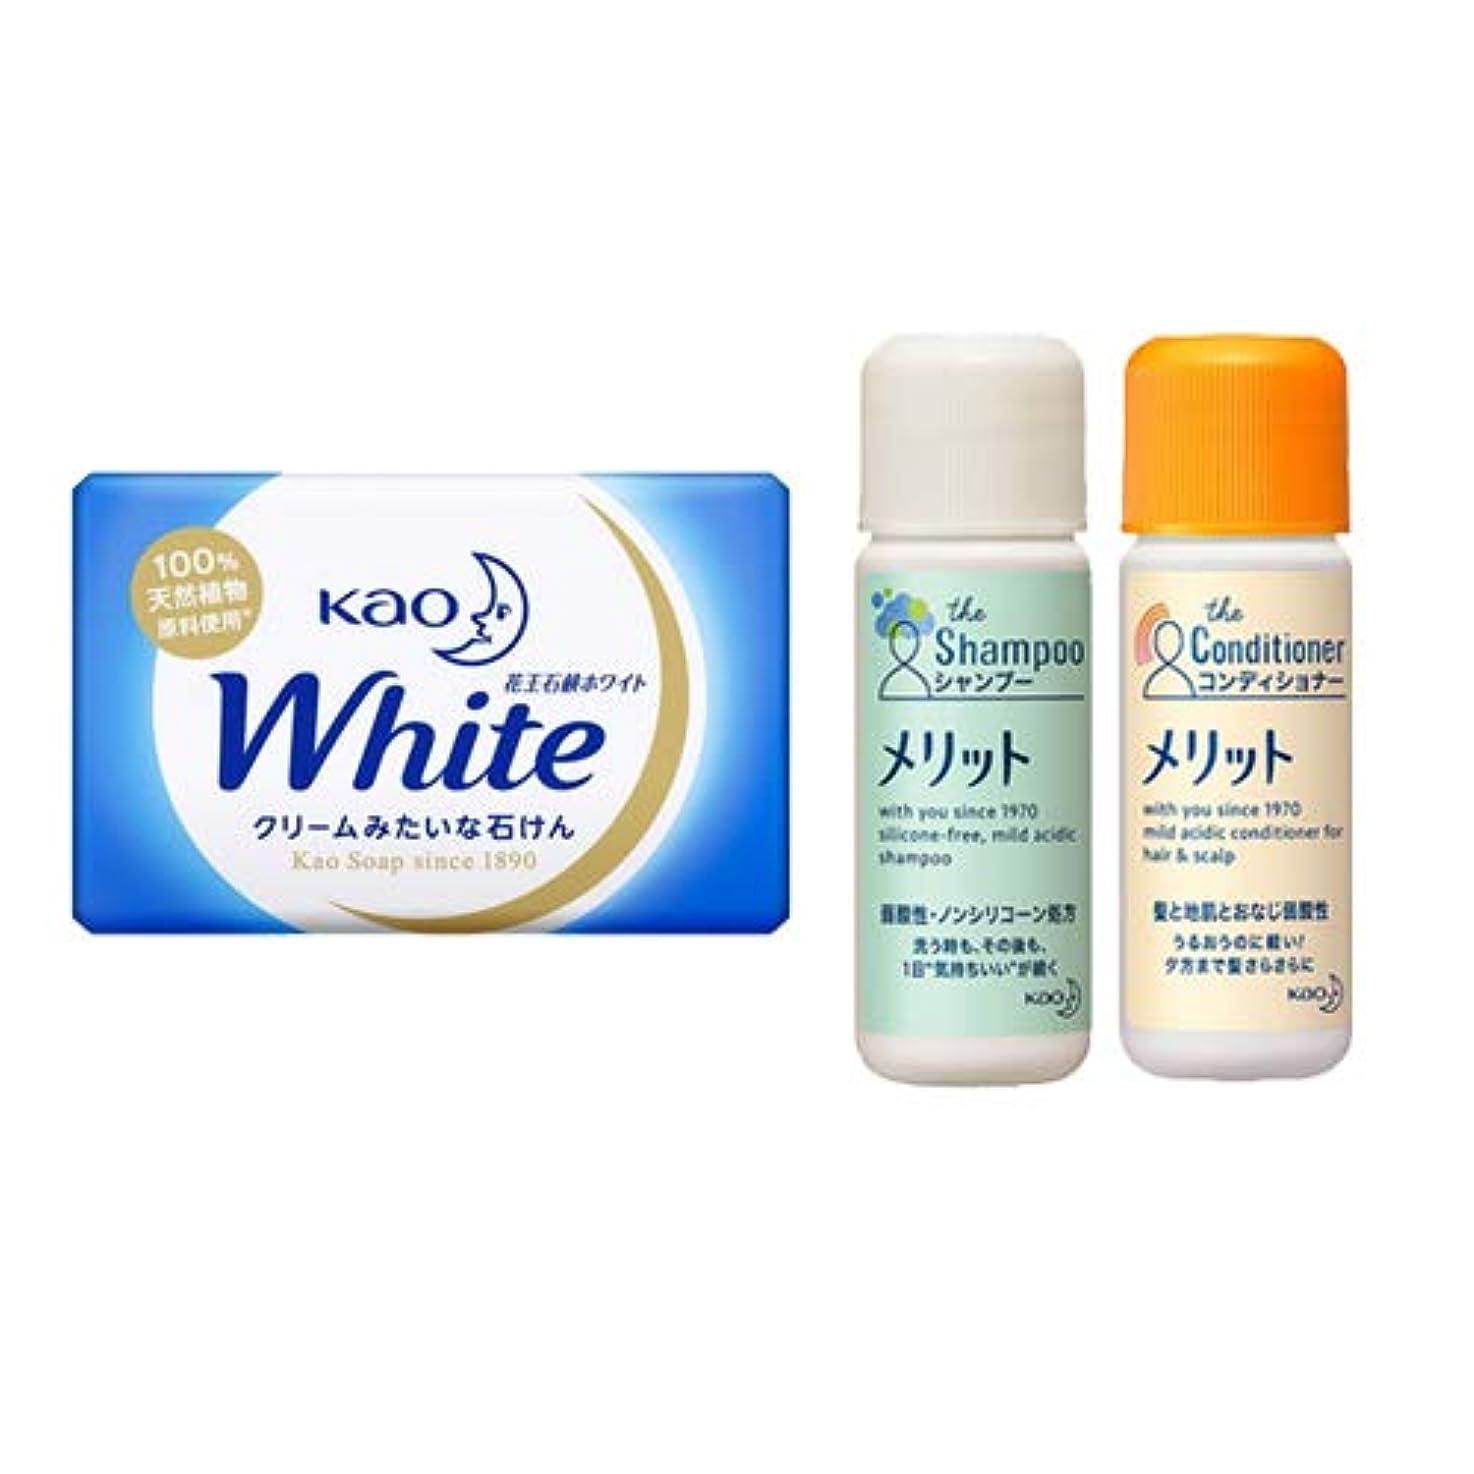 落ち着いて虎平行花王(KAO) 石鹸ホワイト(Kao Soap White) 15g + メリットシャンプー 16ml + リンス 16ml セット